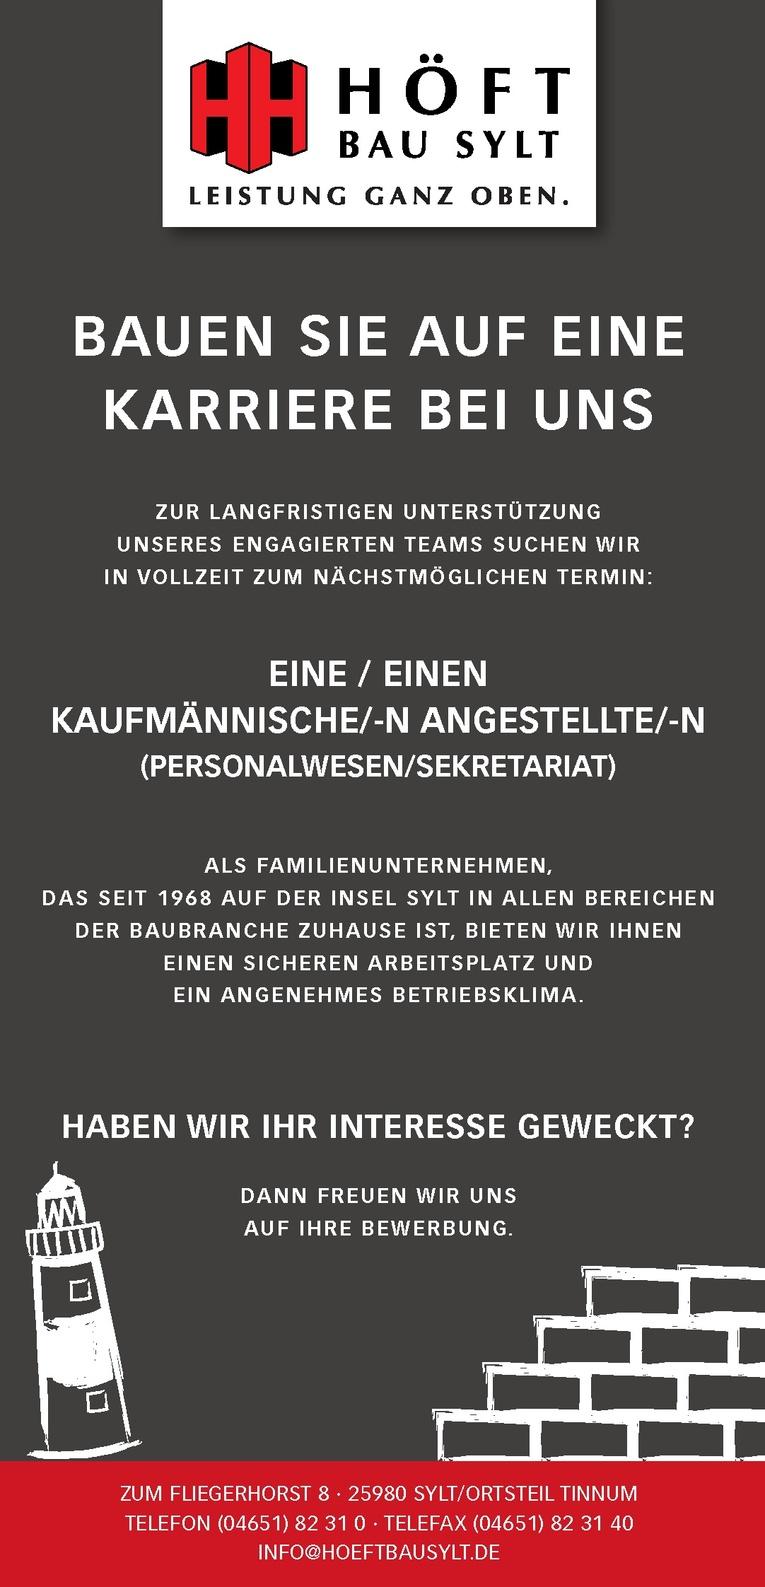 KAUFMÄNNISCHE/-N ANGESTELLTE/-N